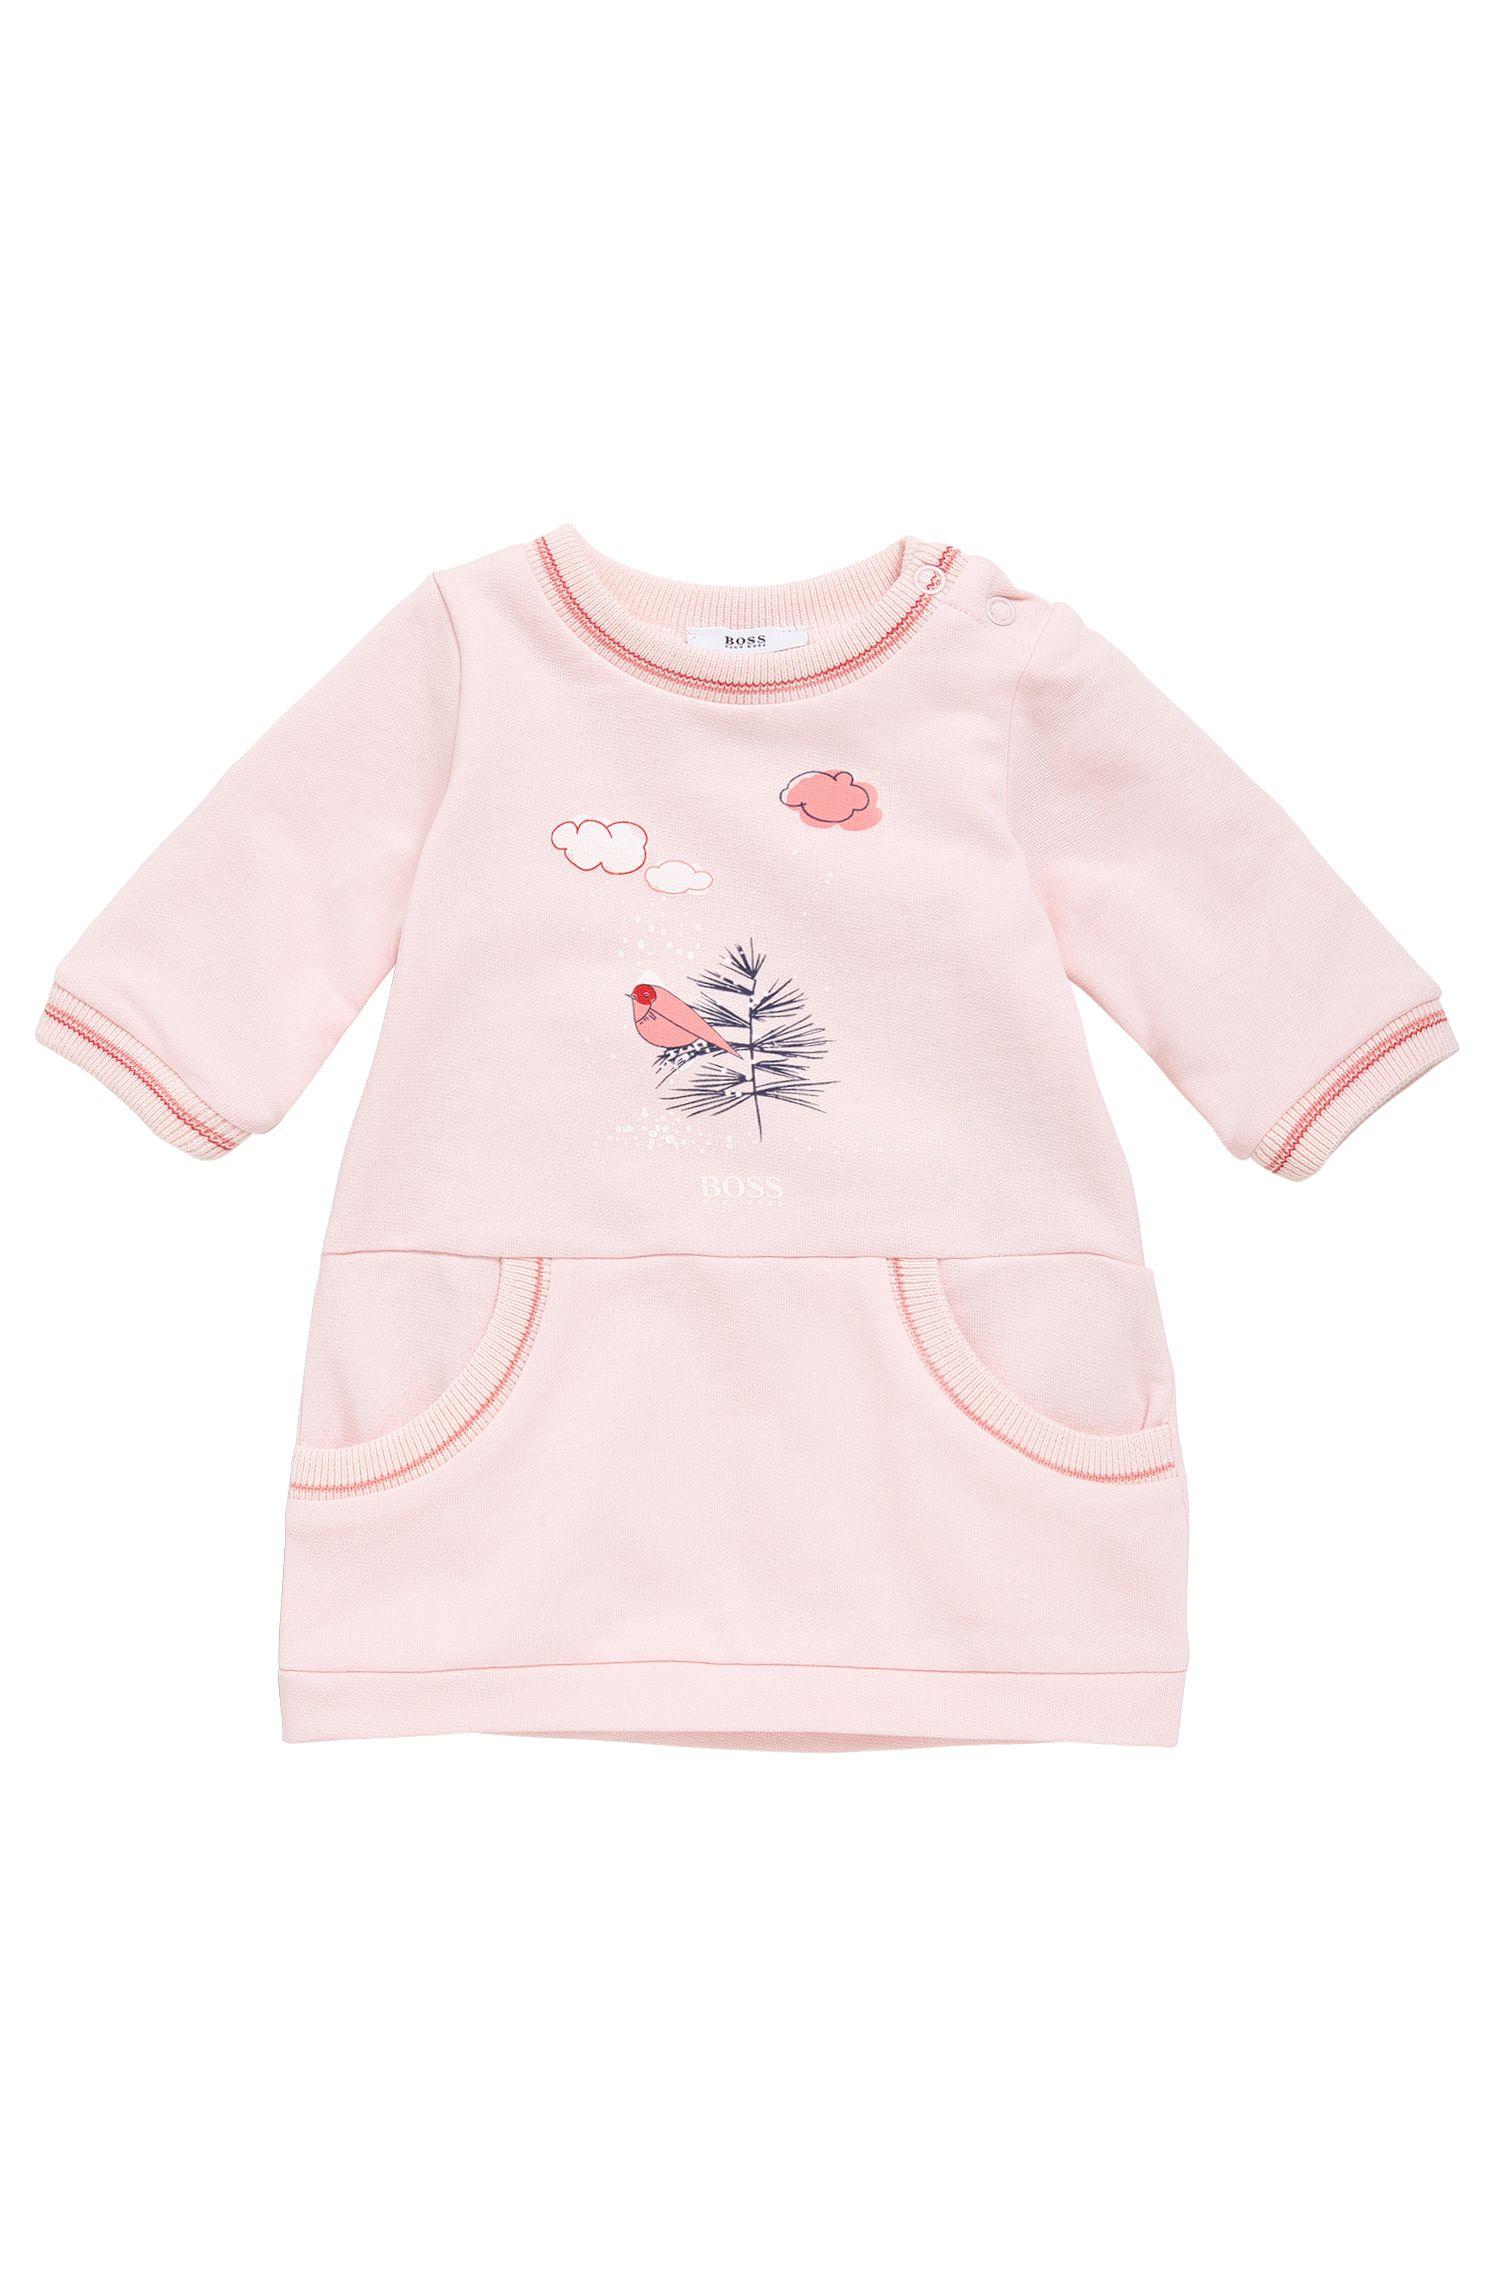 Vestido para bebé en algodón con estampado: 'J92028'